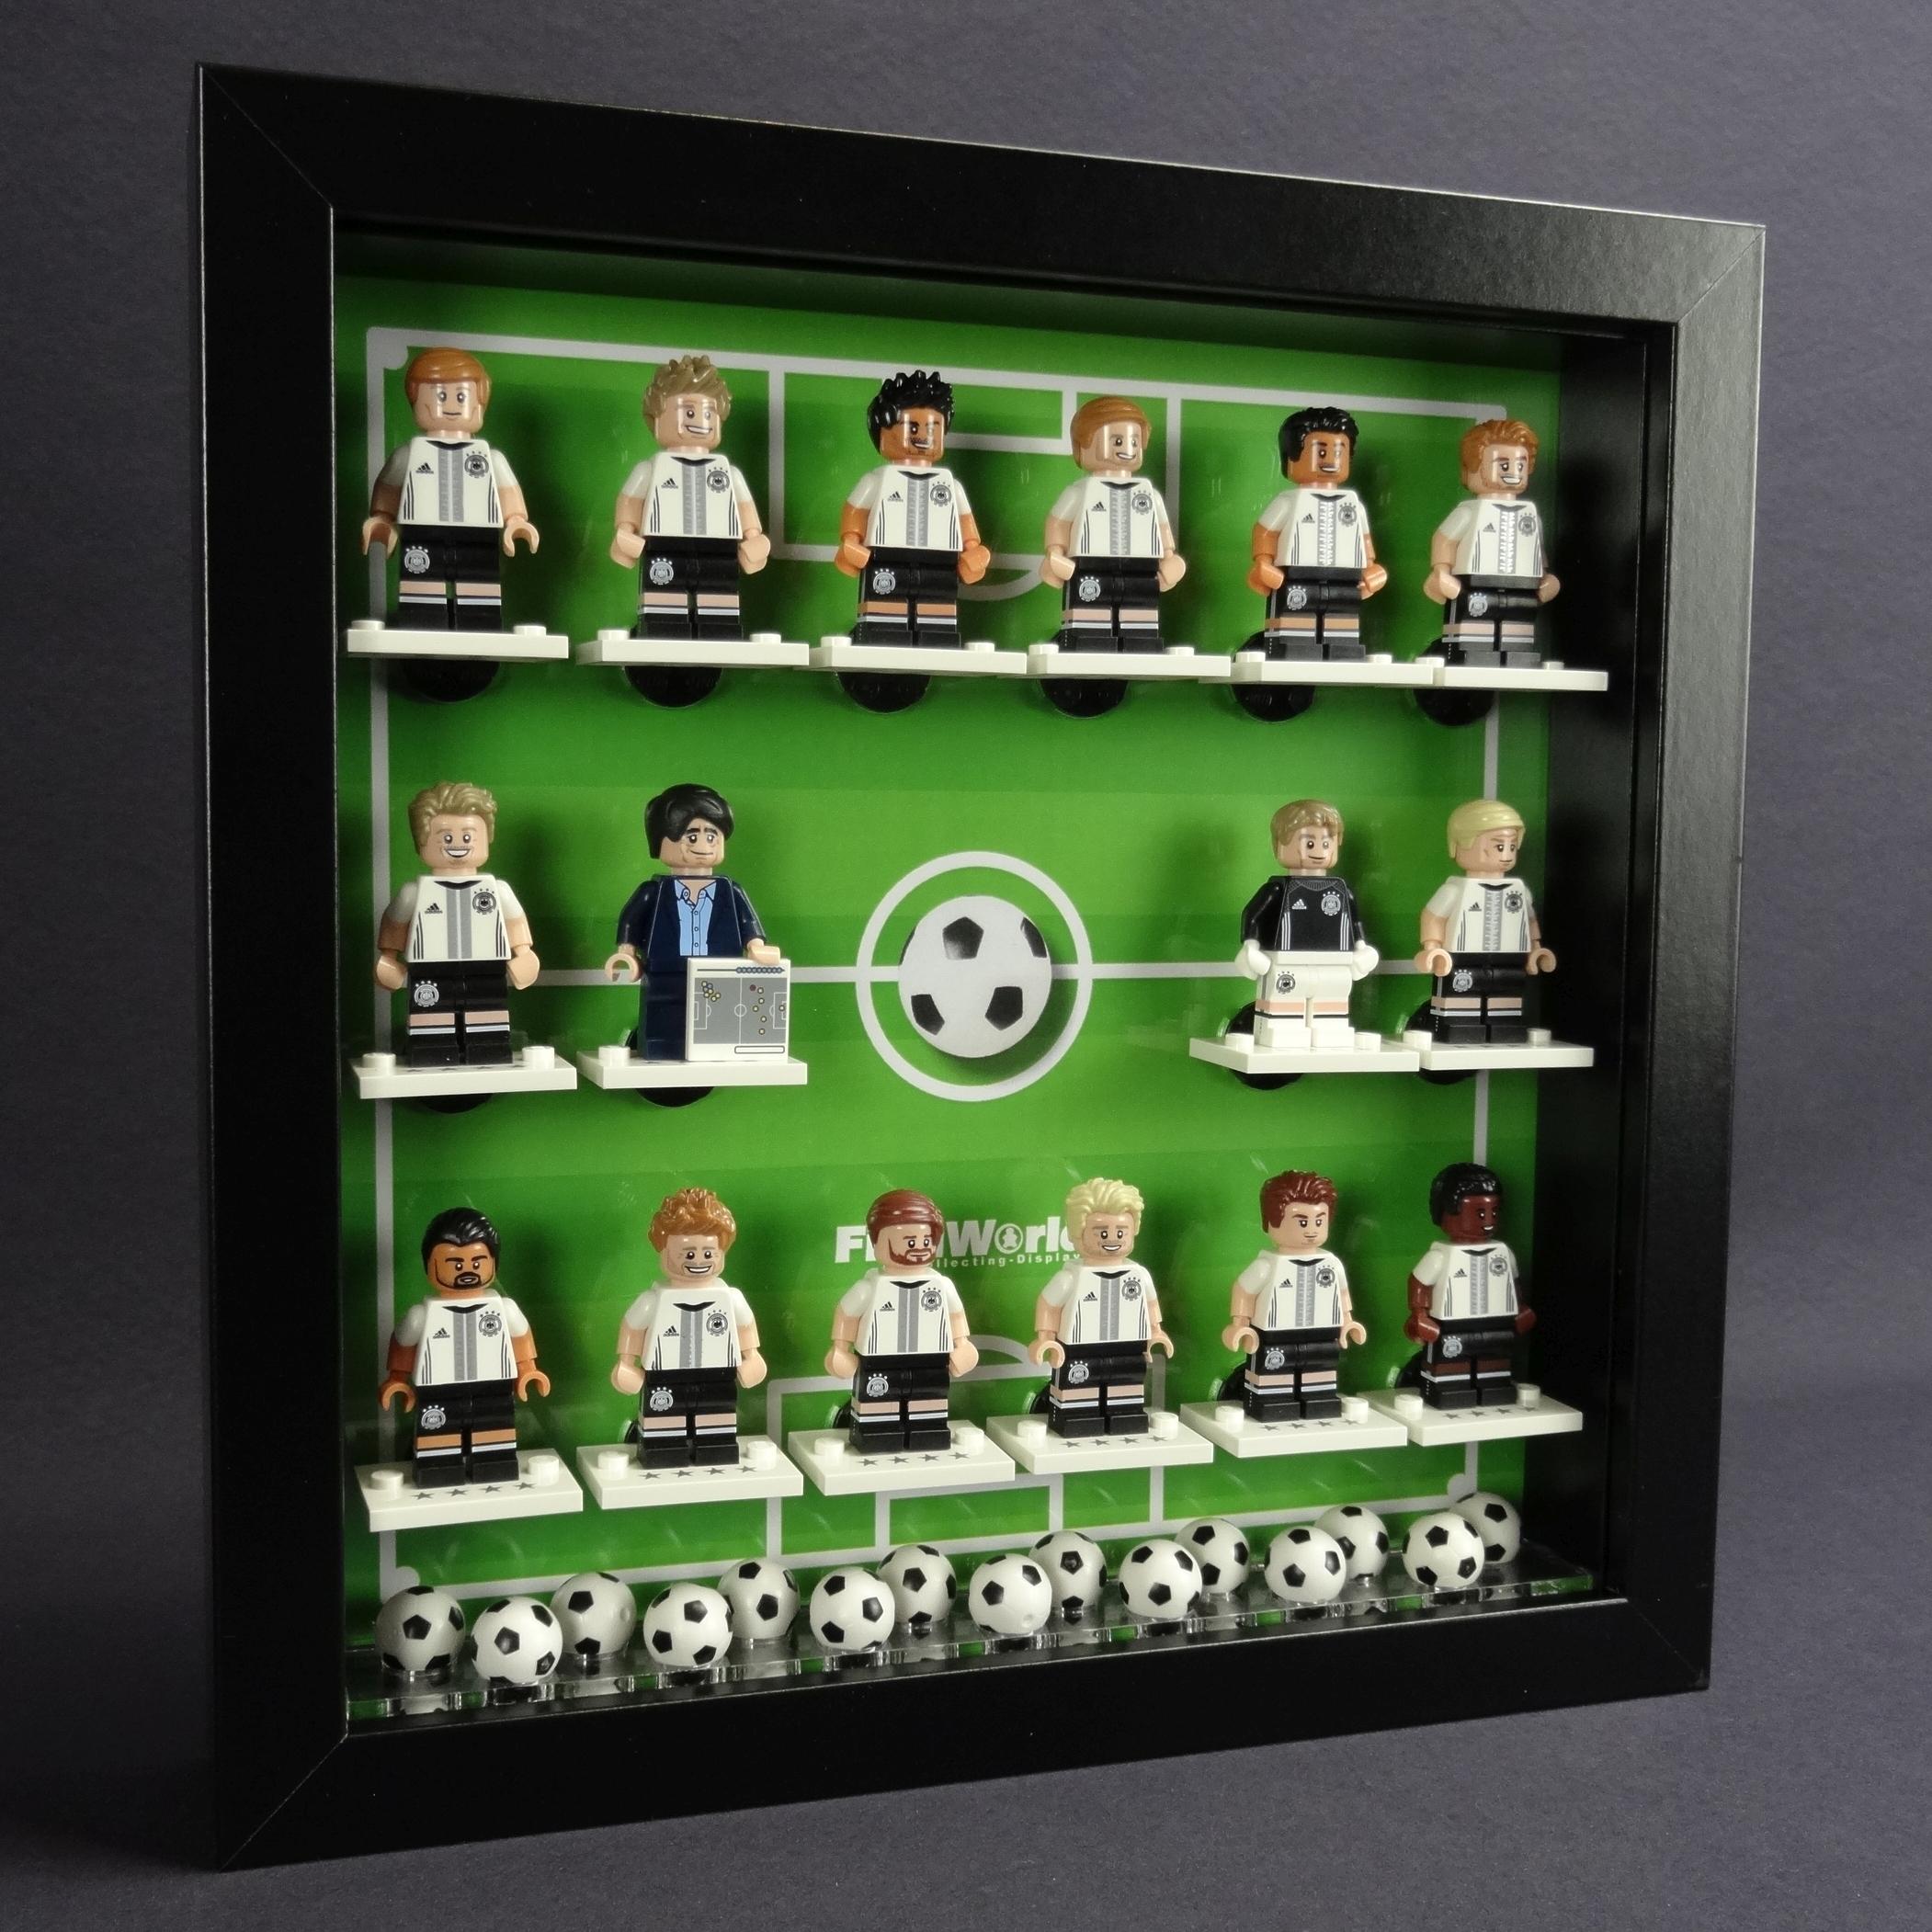 Figucrate Vitrine 25 X 25 Setzkasten Für Lego Figuren Serie Dfb Em